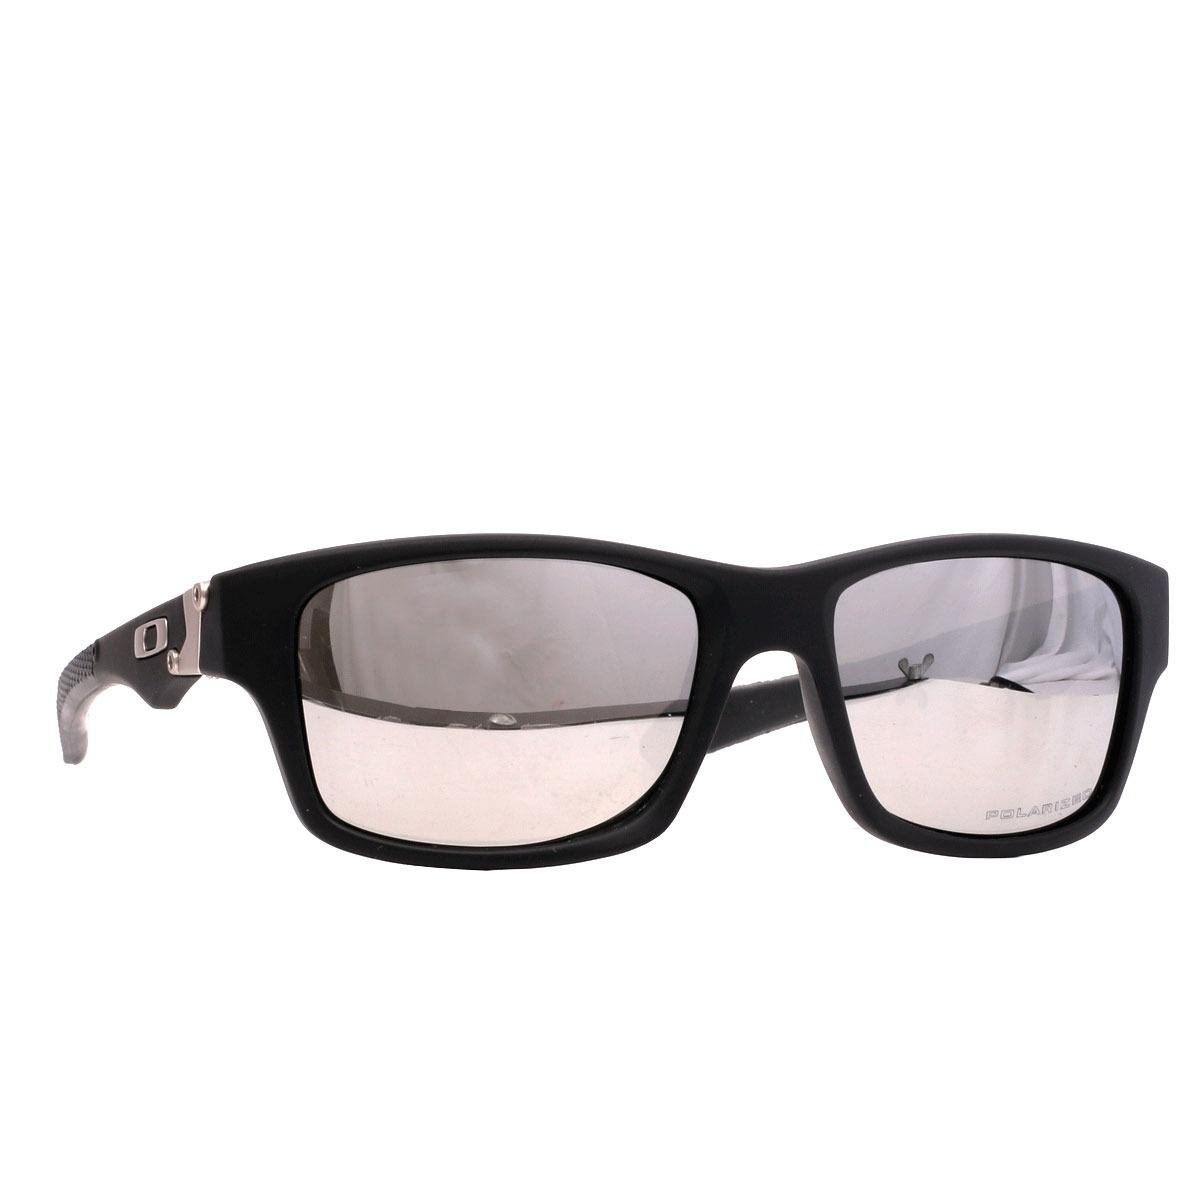 68e156e0b óculos de sol tipo oakley lente polarizada - espelhado prata. Carregando  zoom.